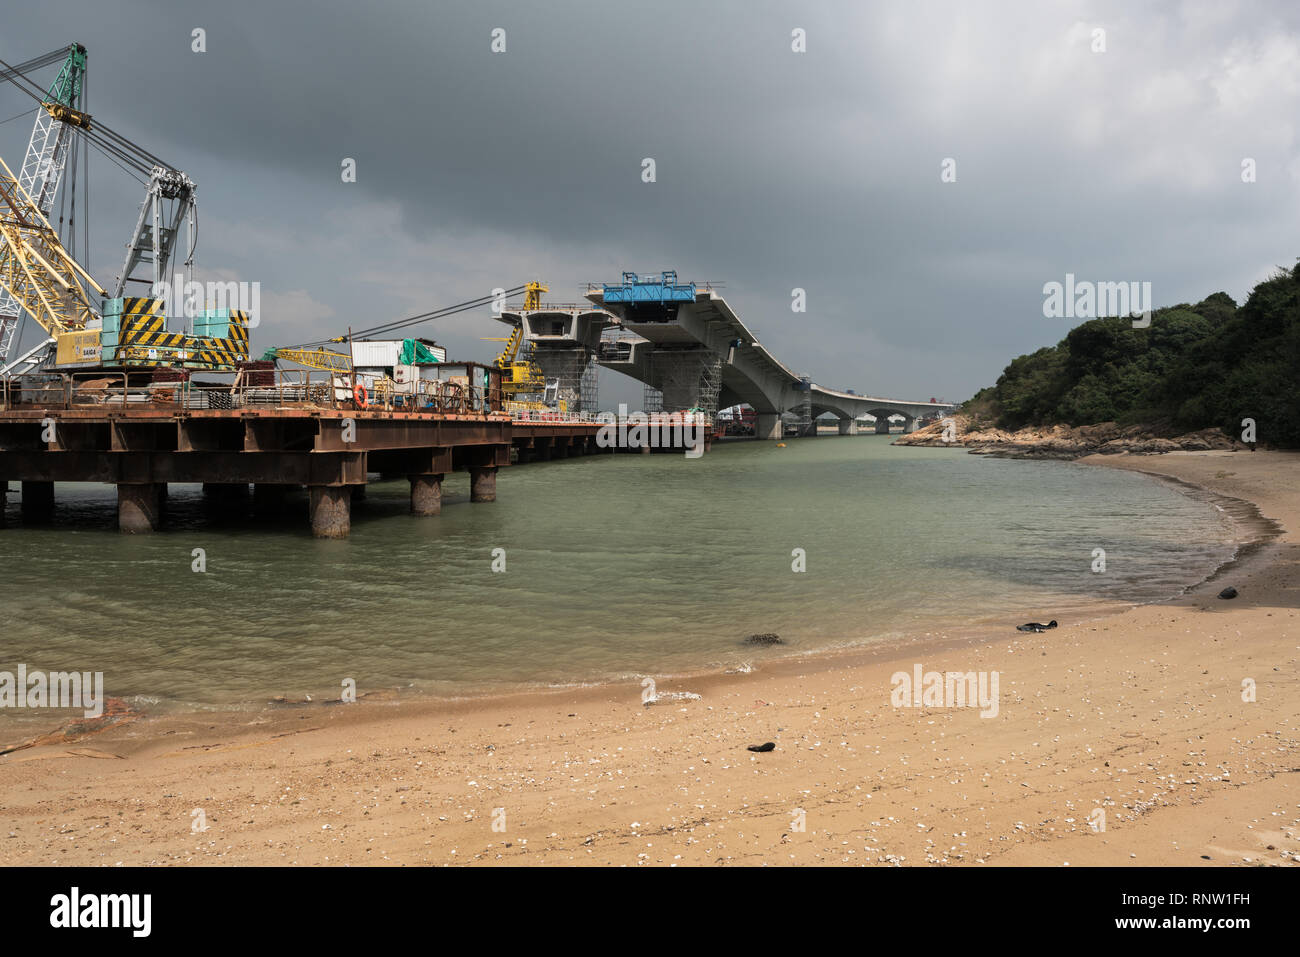 Hong Kong, Zhuhai, Macau Bridge under construction on the Sha Lo Wan Beach near Tung Chung in the Hong Kong New Territories. - Stock Image